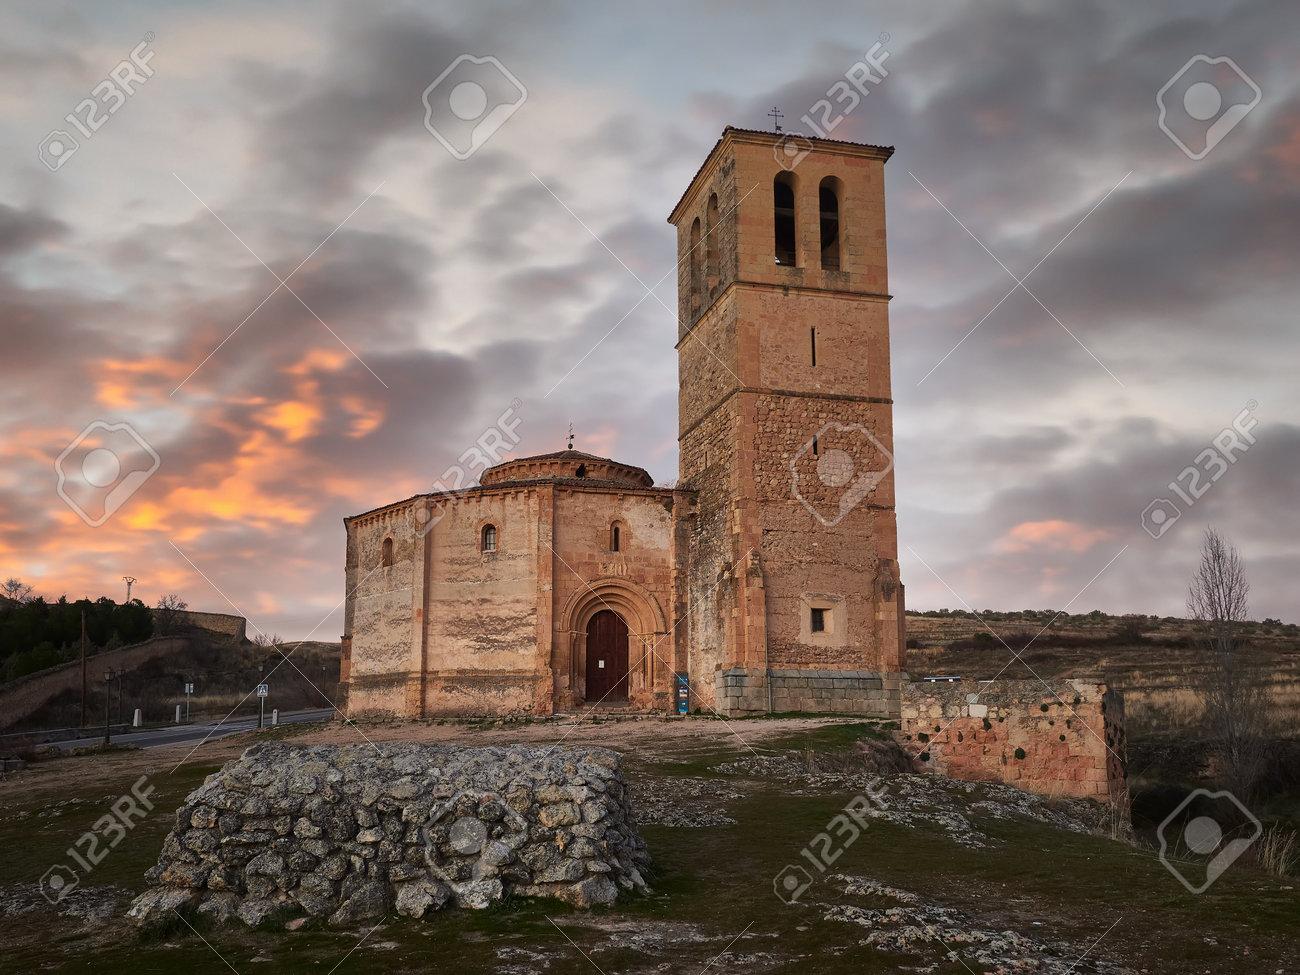 Church of La Veracruz, Segovia, Castilla y Leon, Spain - 164723852